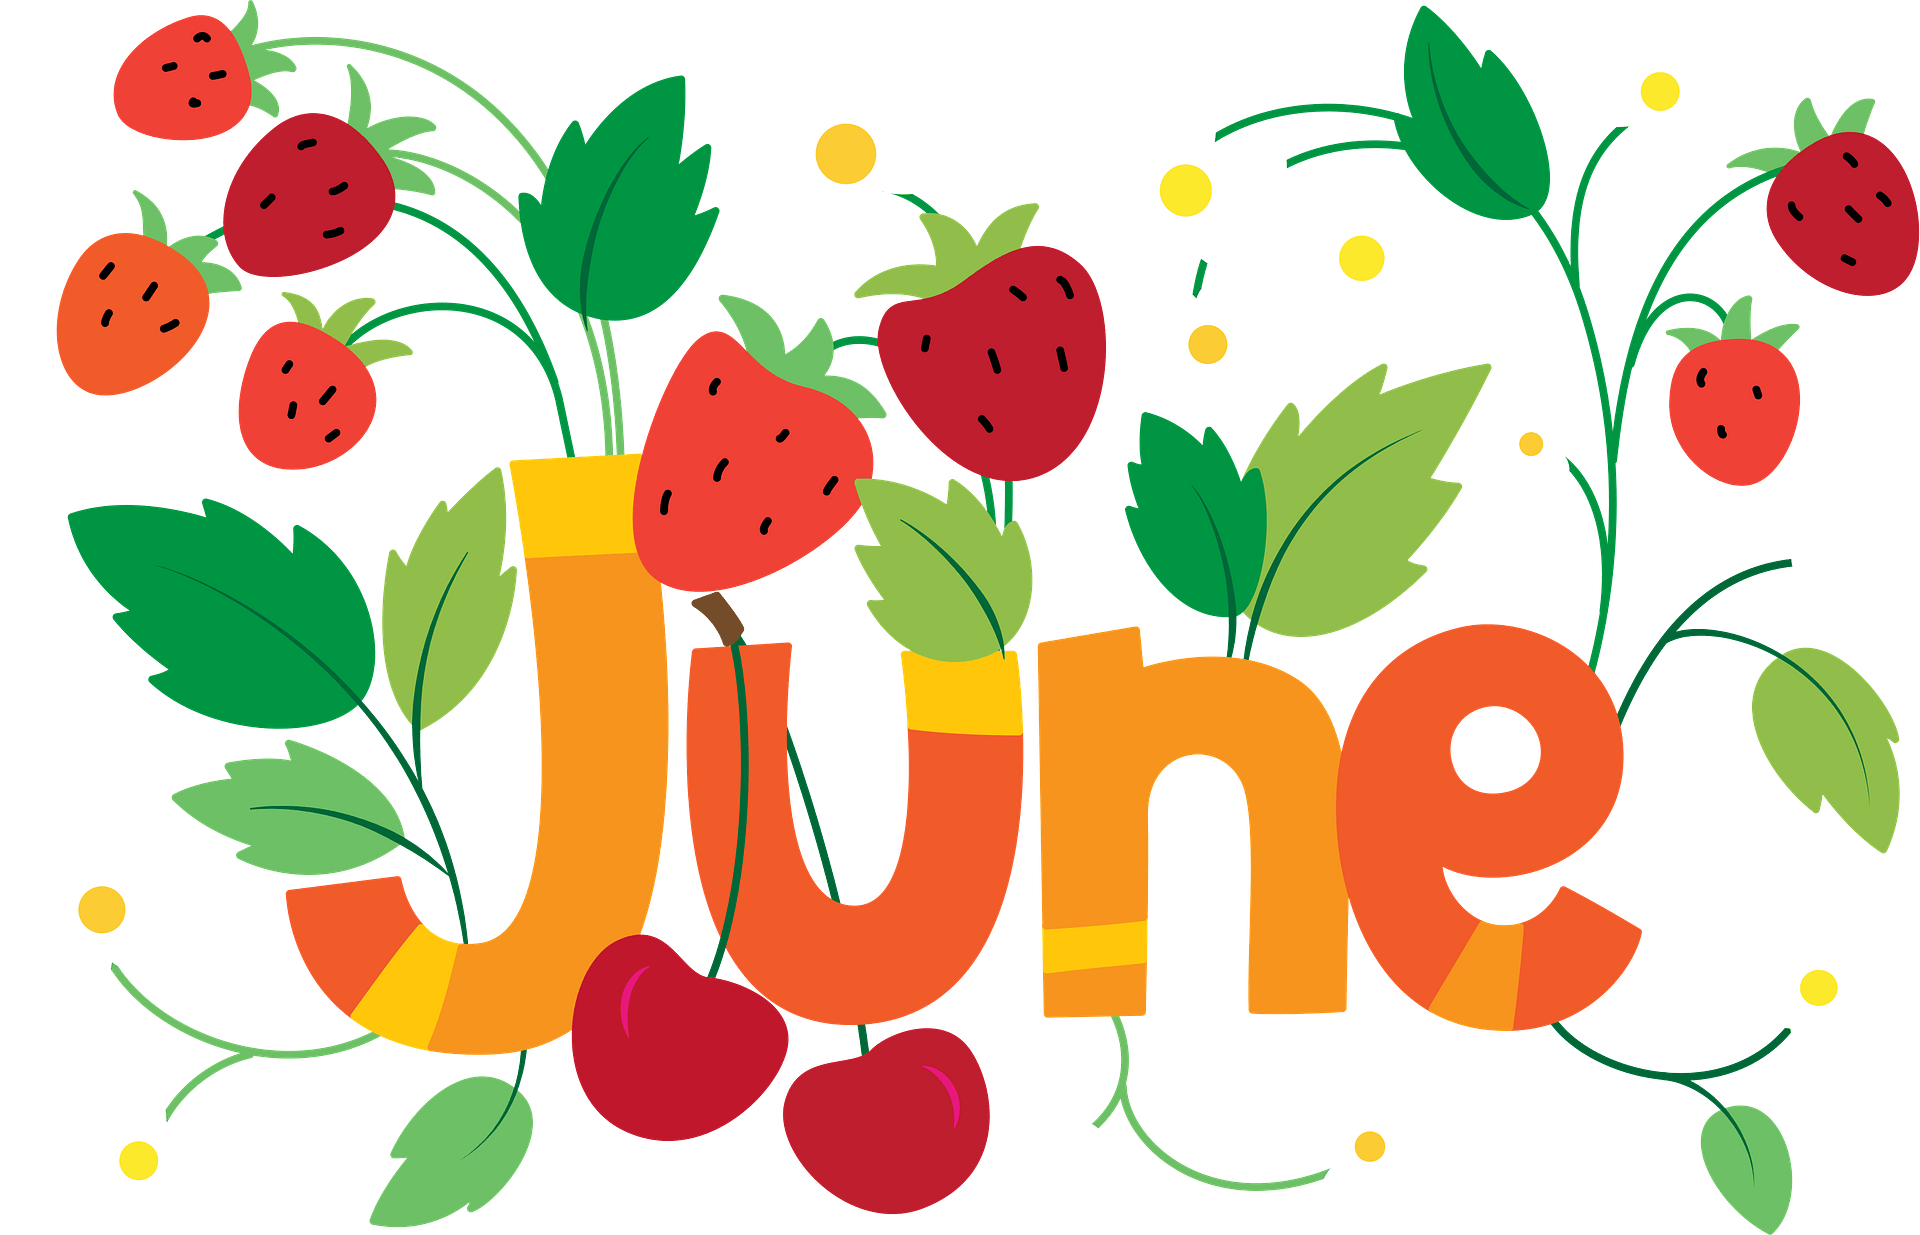 June clipart. Free download transparent .PNG | Creazilla